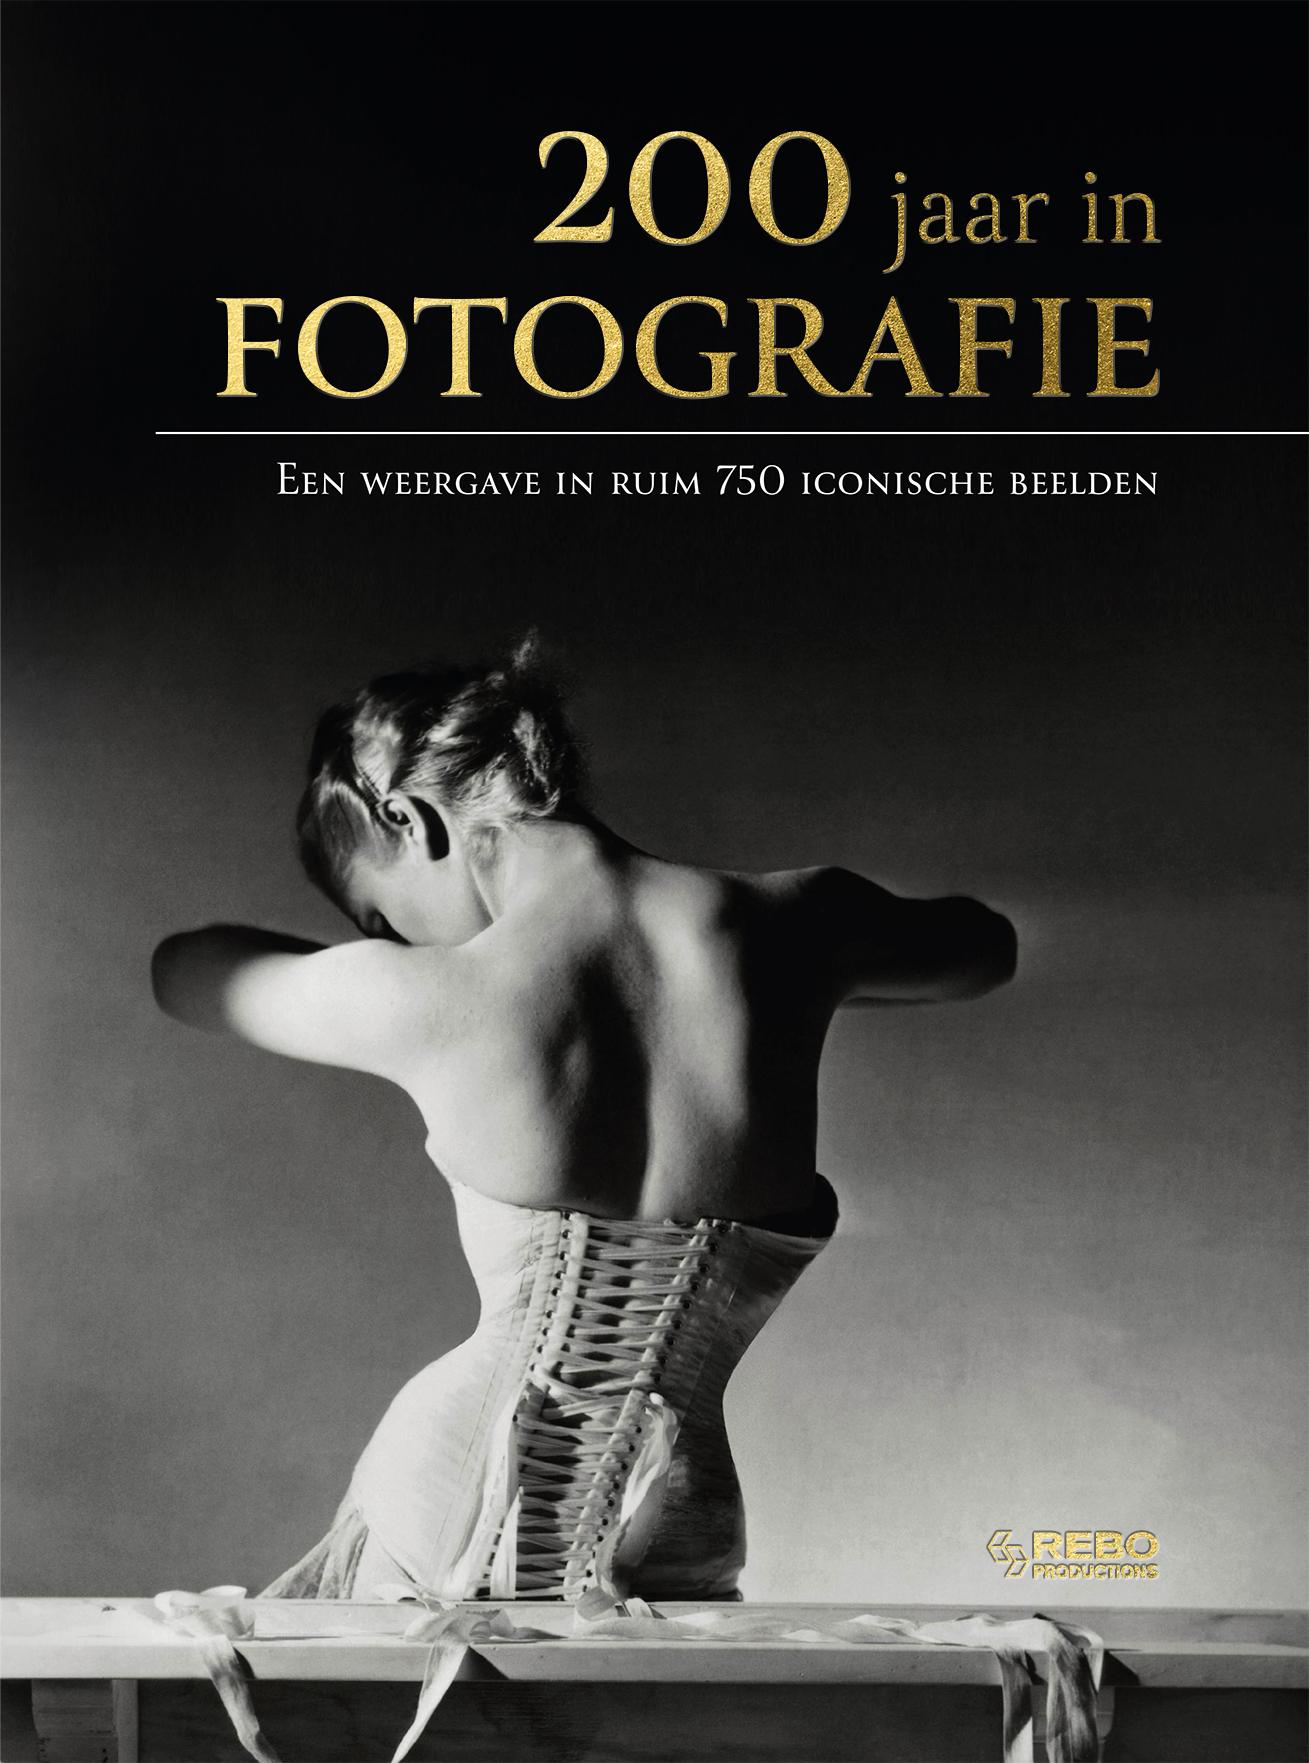 200 jaar in fotografie